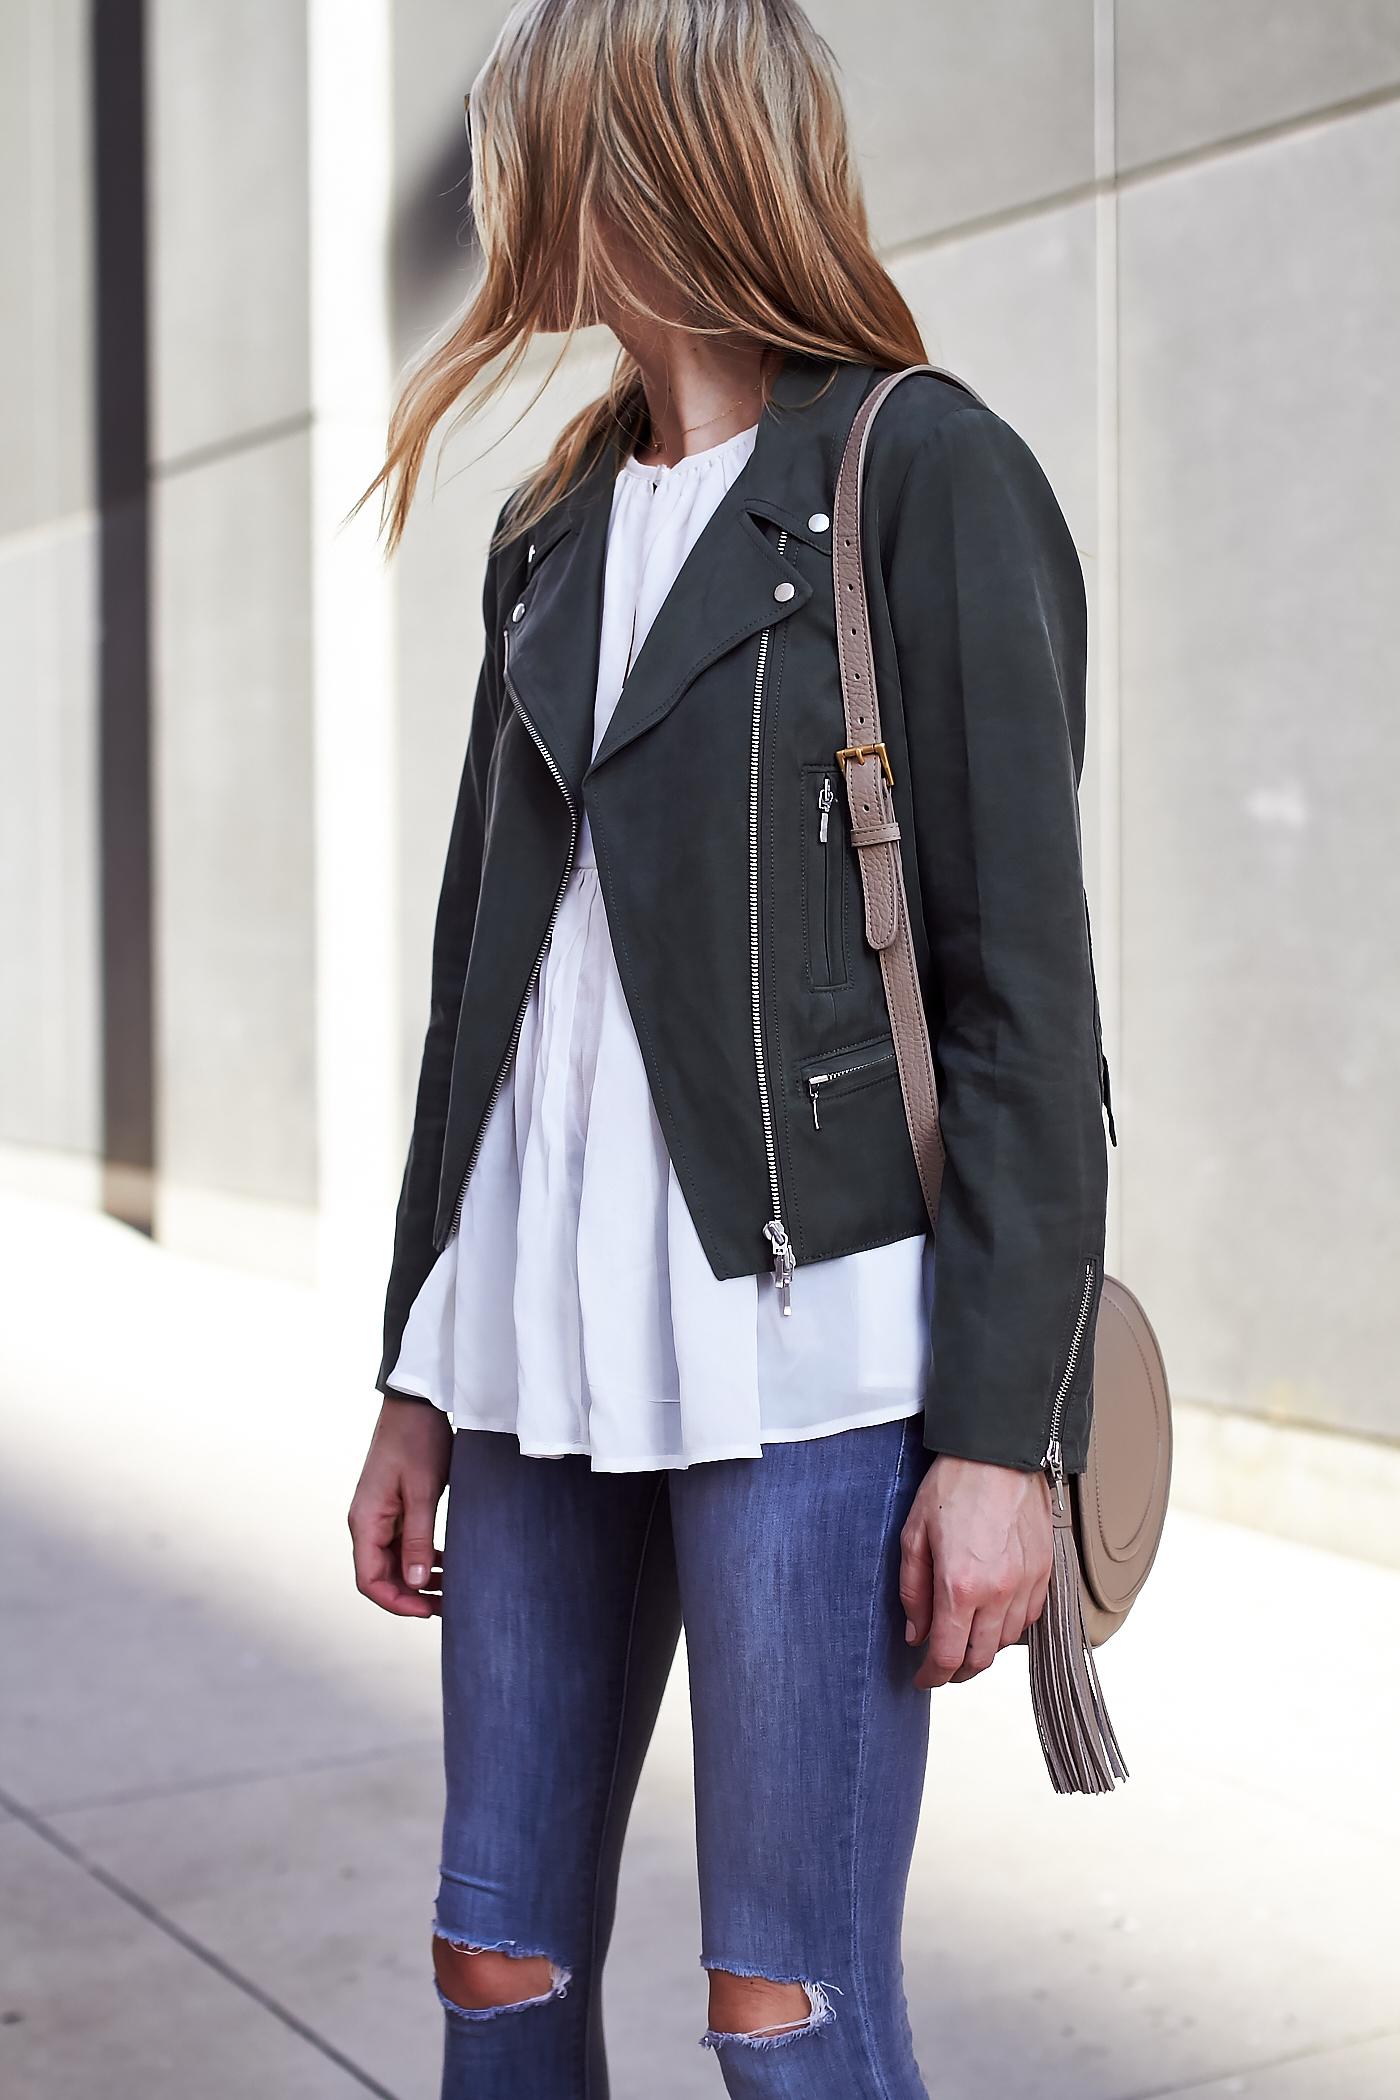 fashion-jackson-club-monaco-kapri-moto-jacket